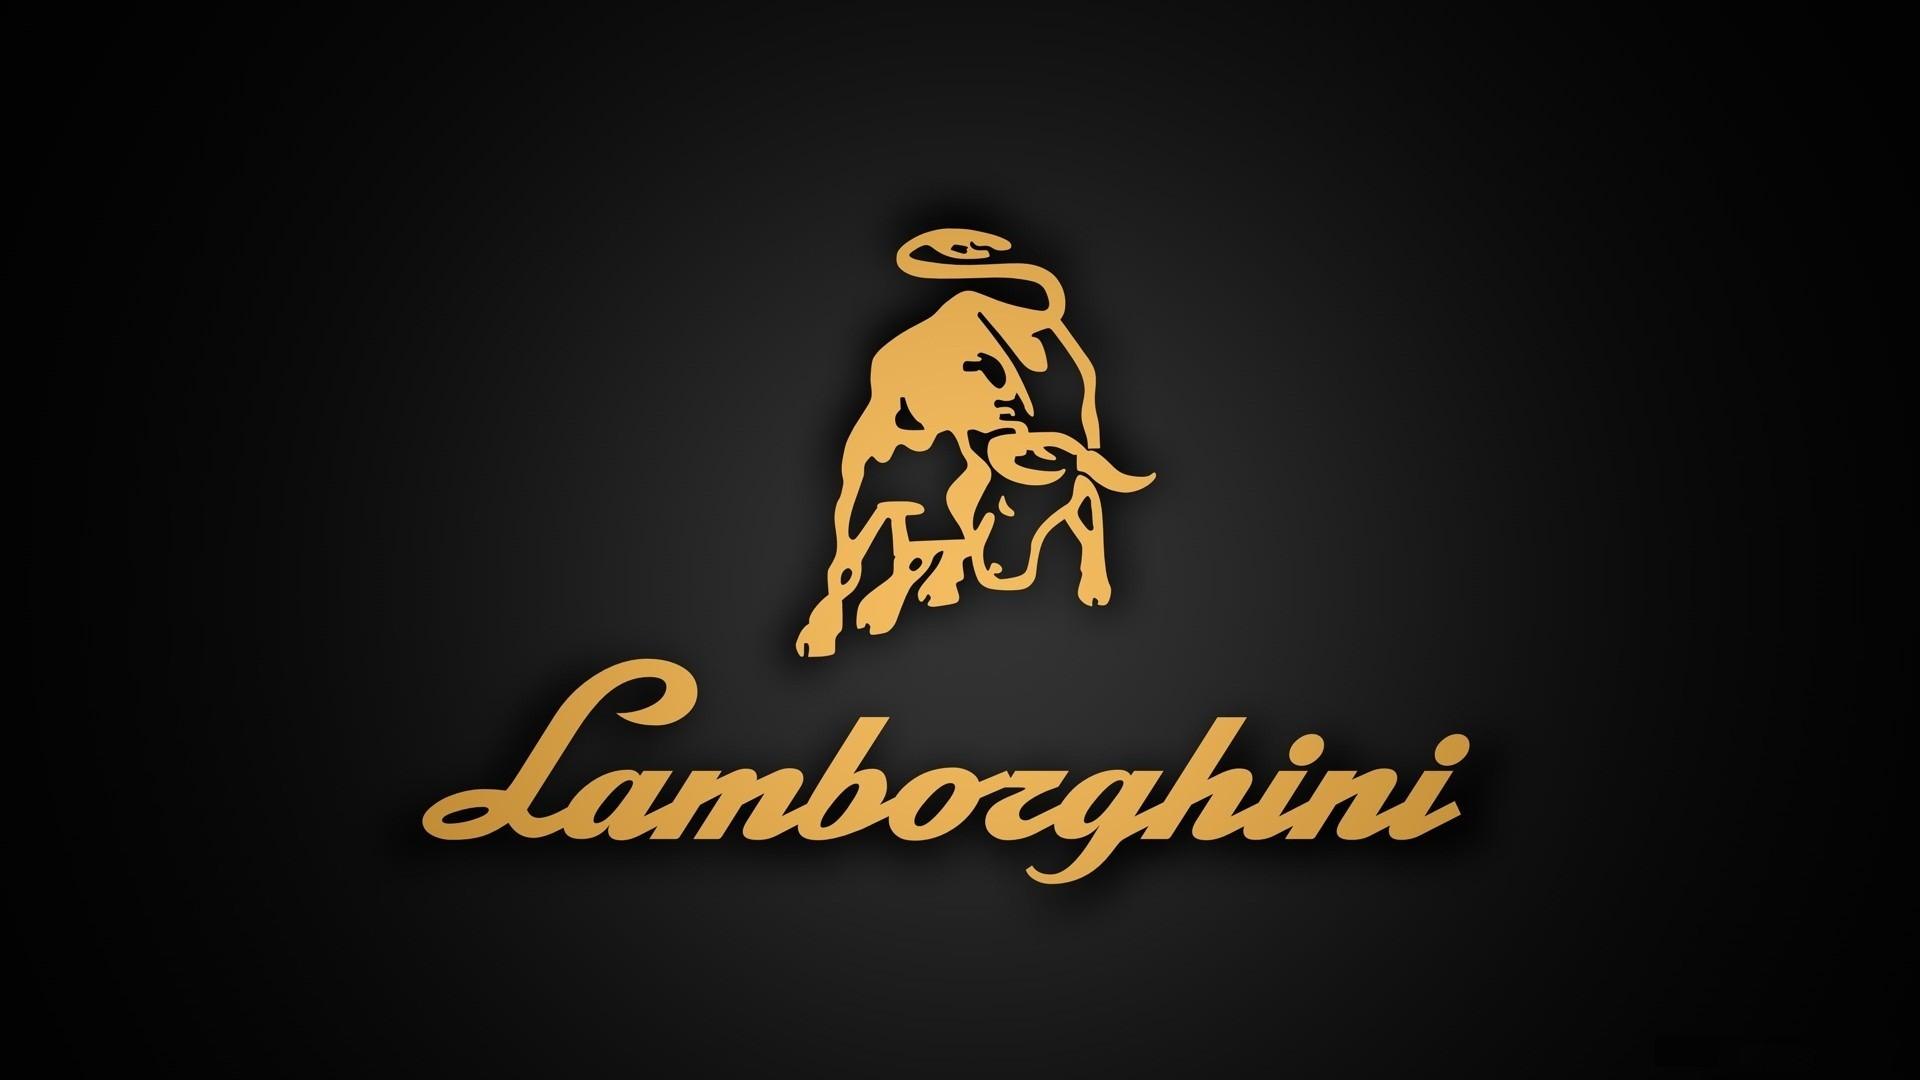 lamborghini logo wallpaper 183�� wallpapertag